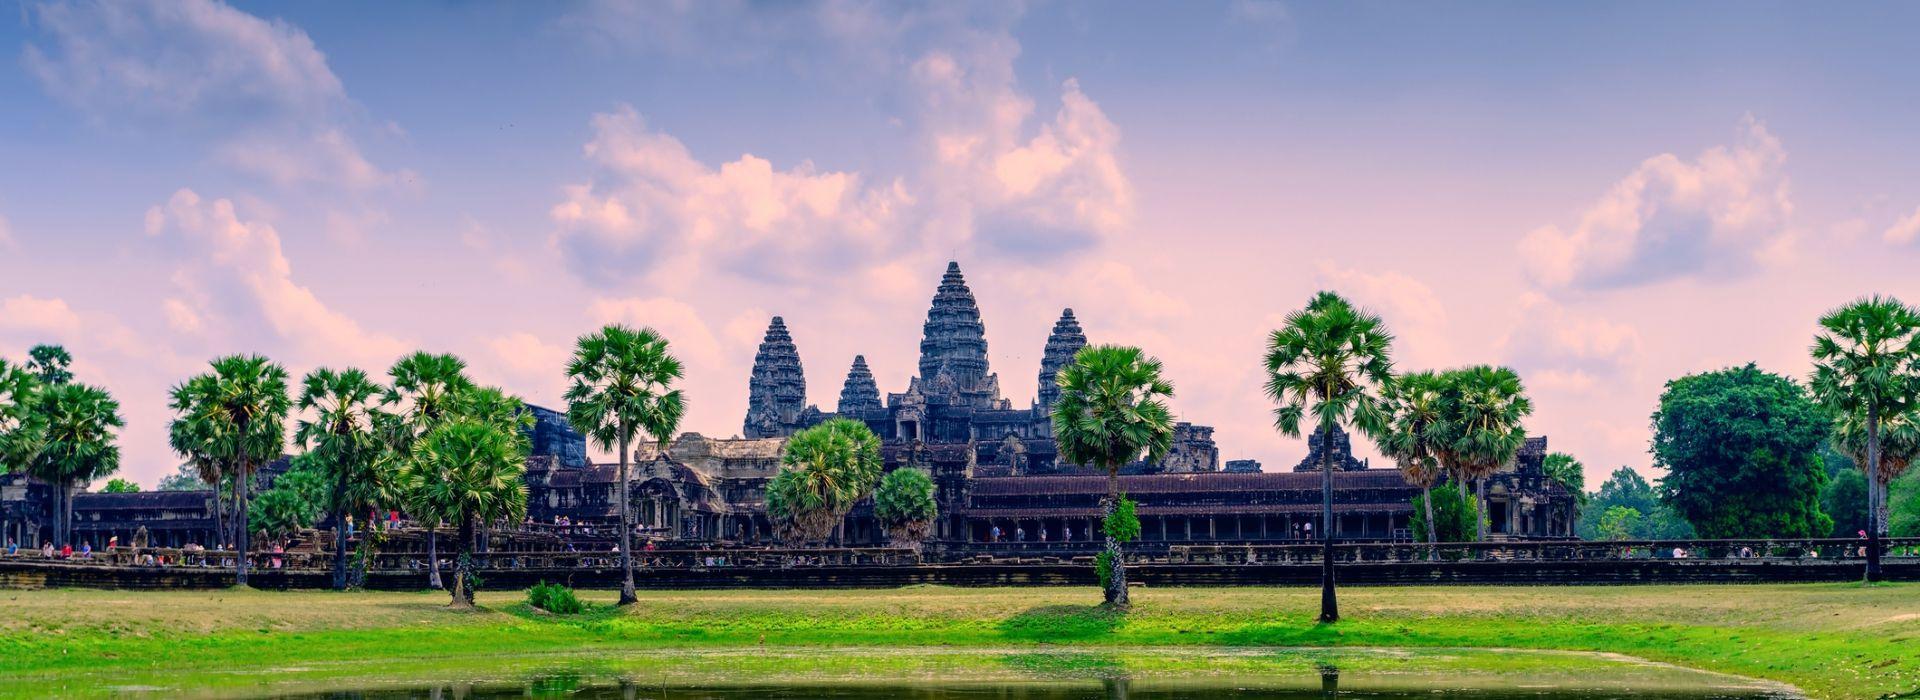 Luxury Tours in Siem Reap